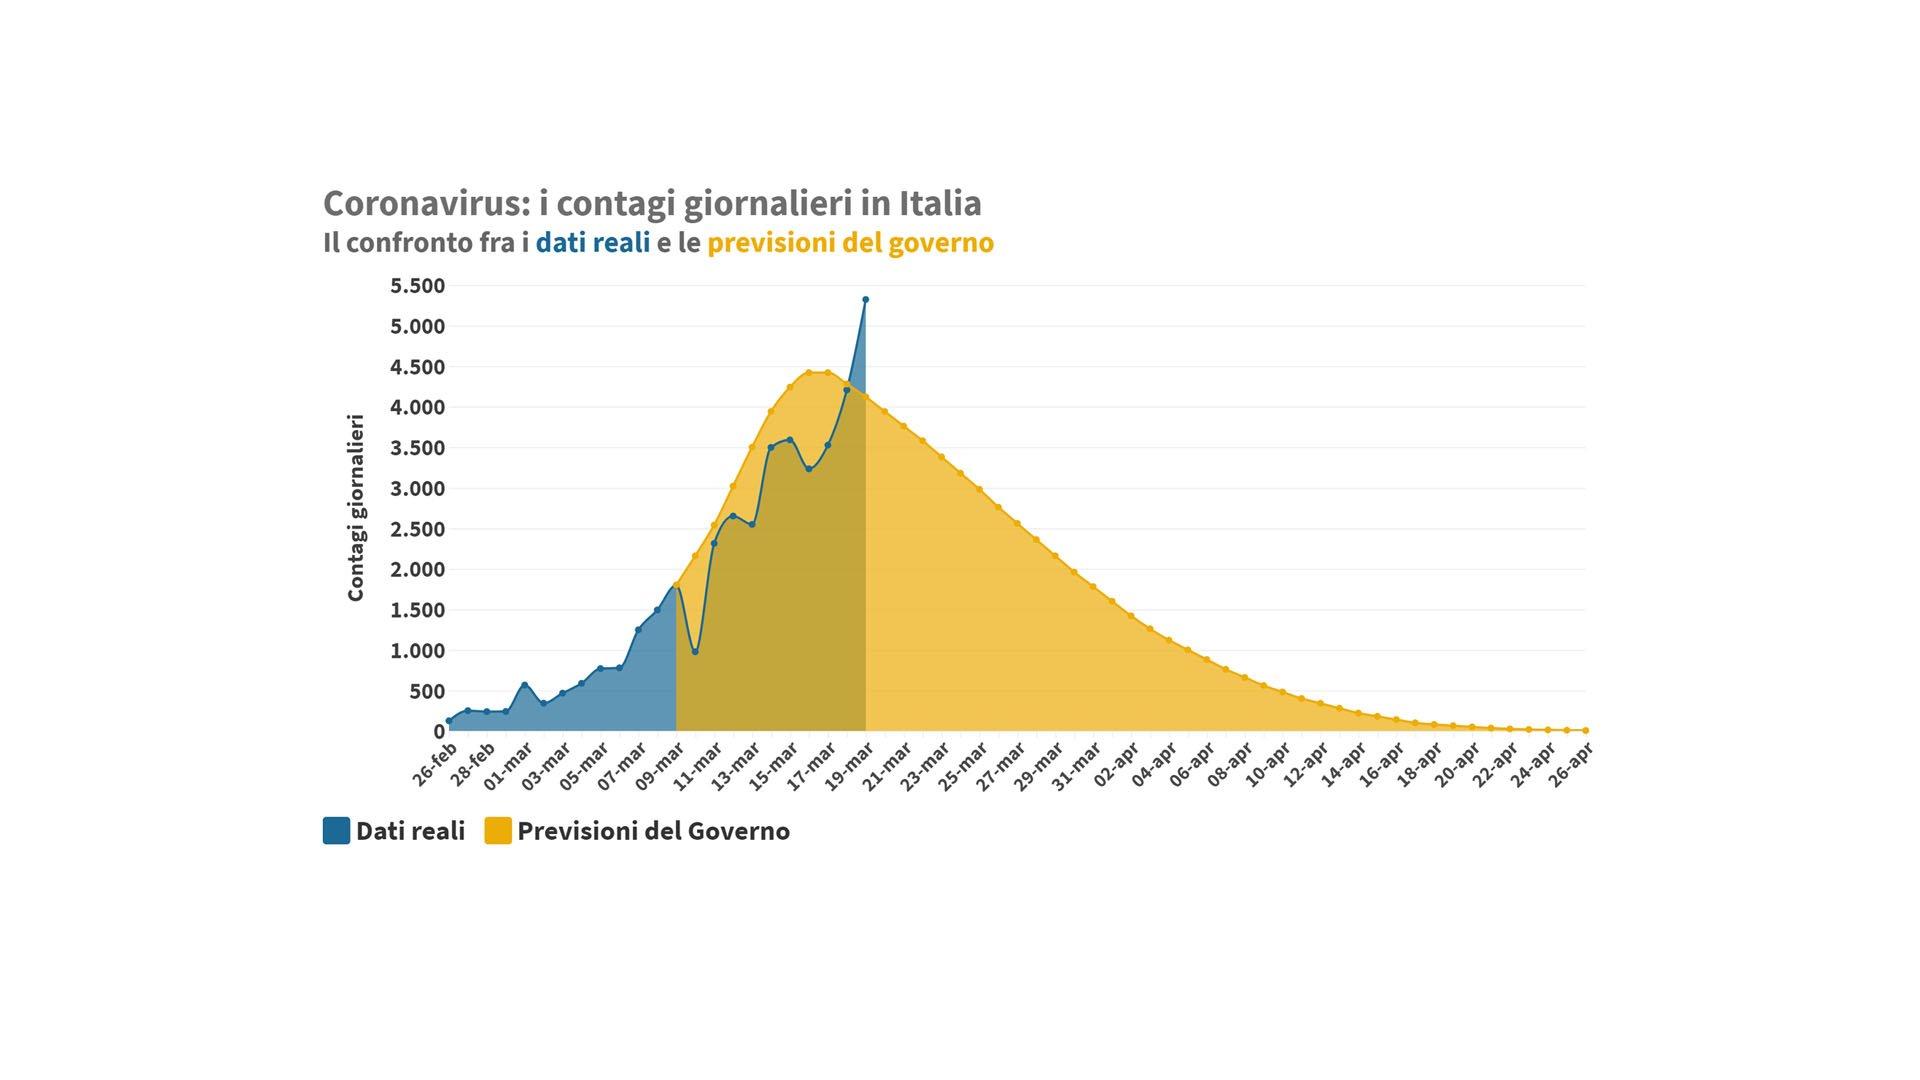 Il confronto fra dati reali e previsioni del Governo - Fonte: YouTrend